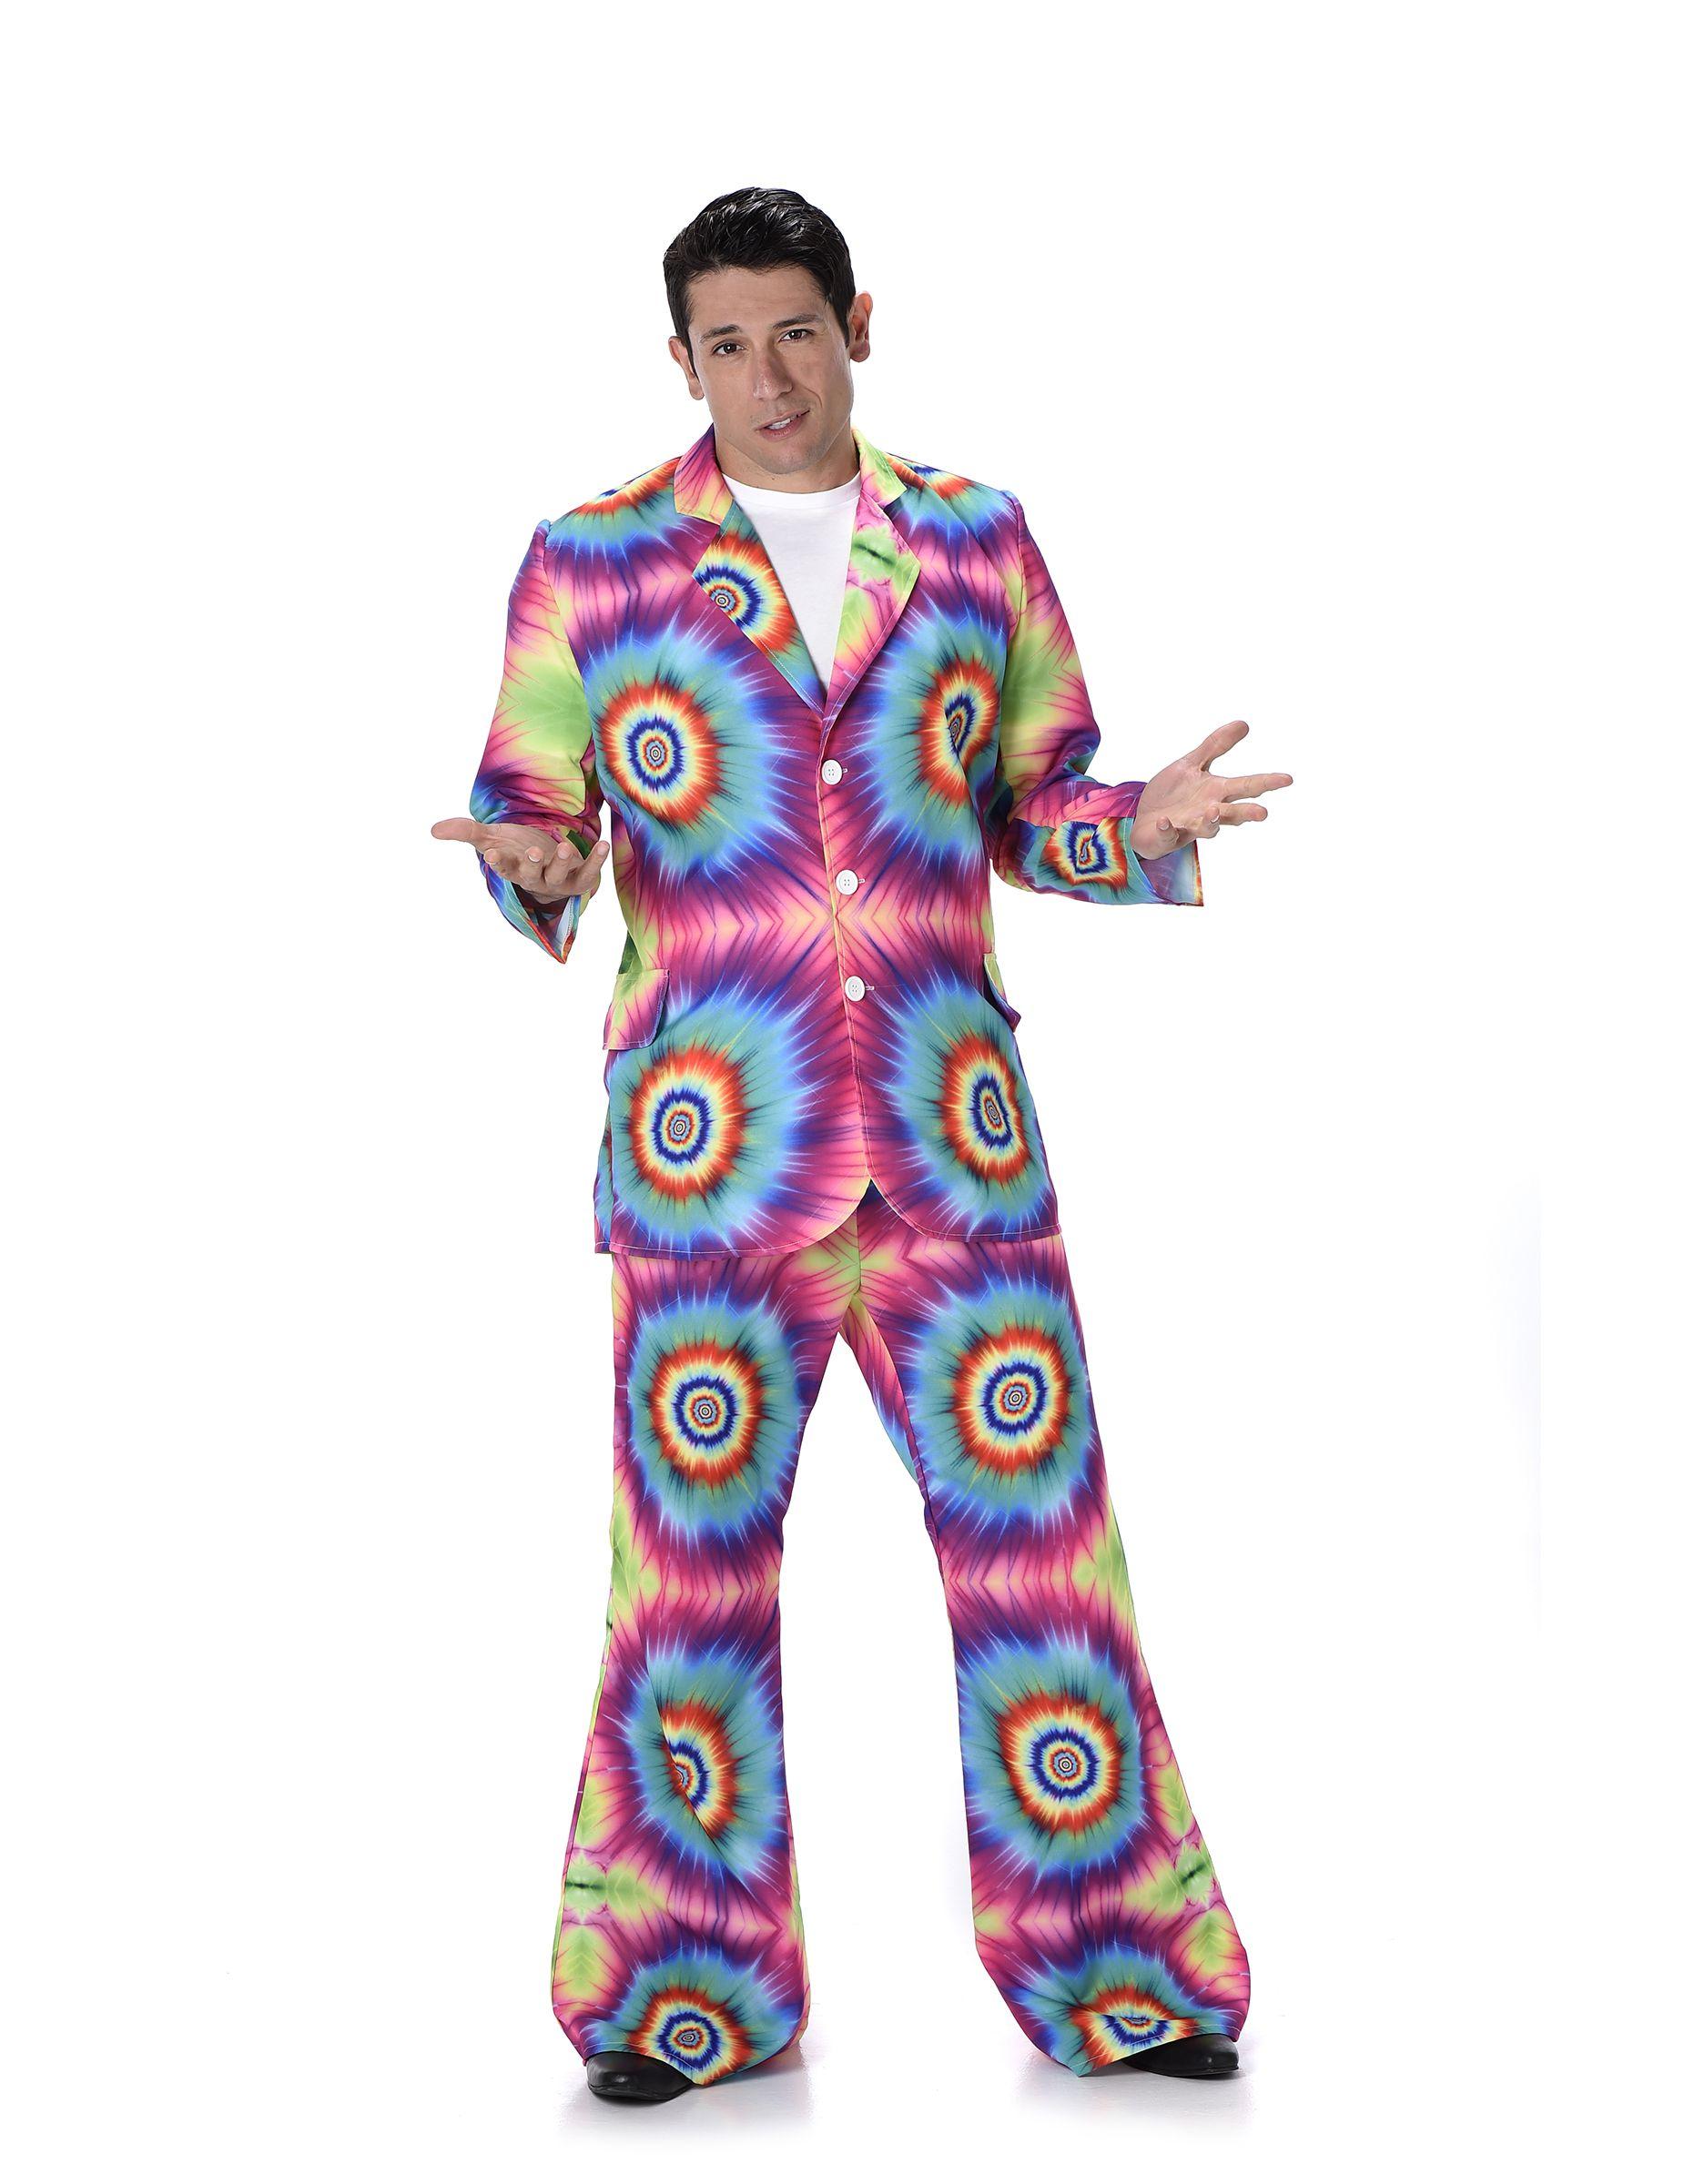 edc63442355d7 70er-Jahre Batik-Anzug Disco Kostüm neonbunt | 60er Jahre - Hippies ...